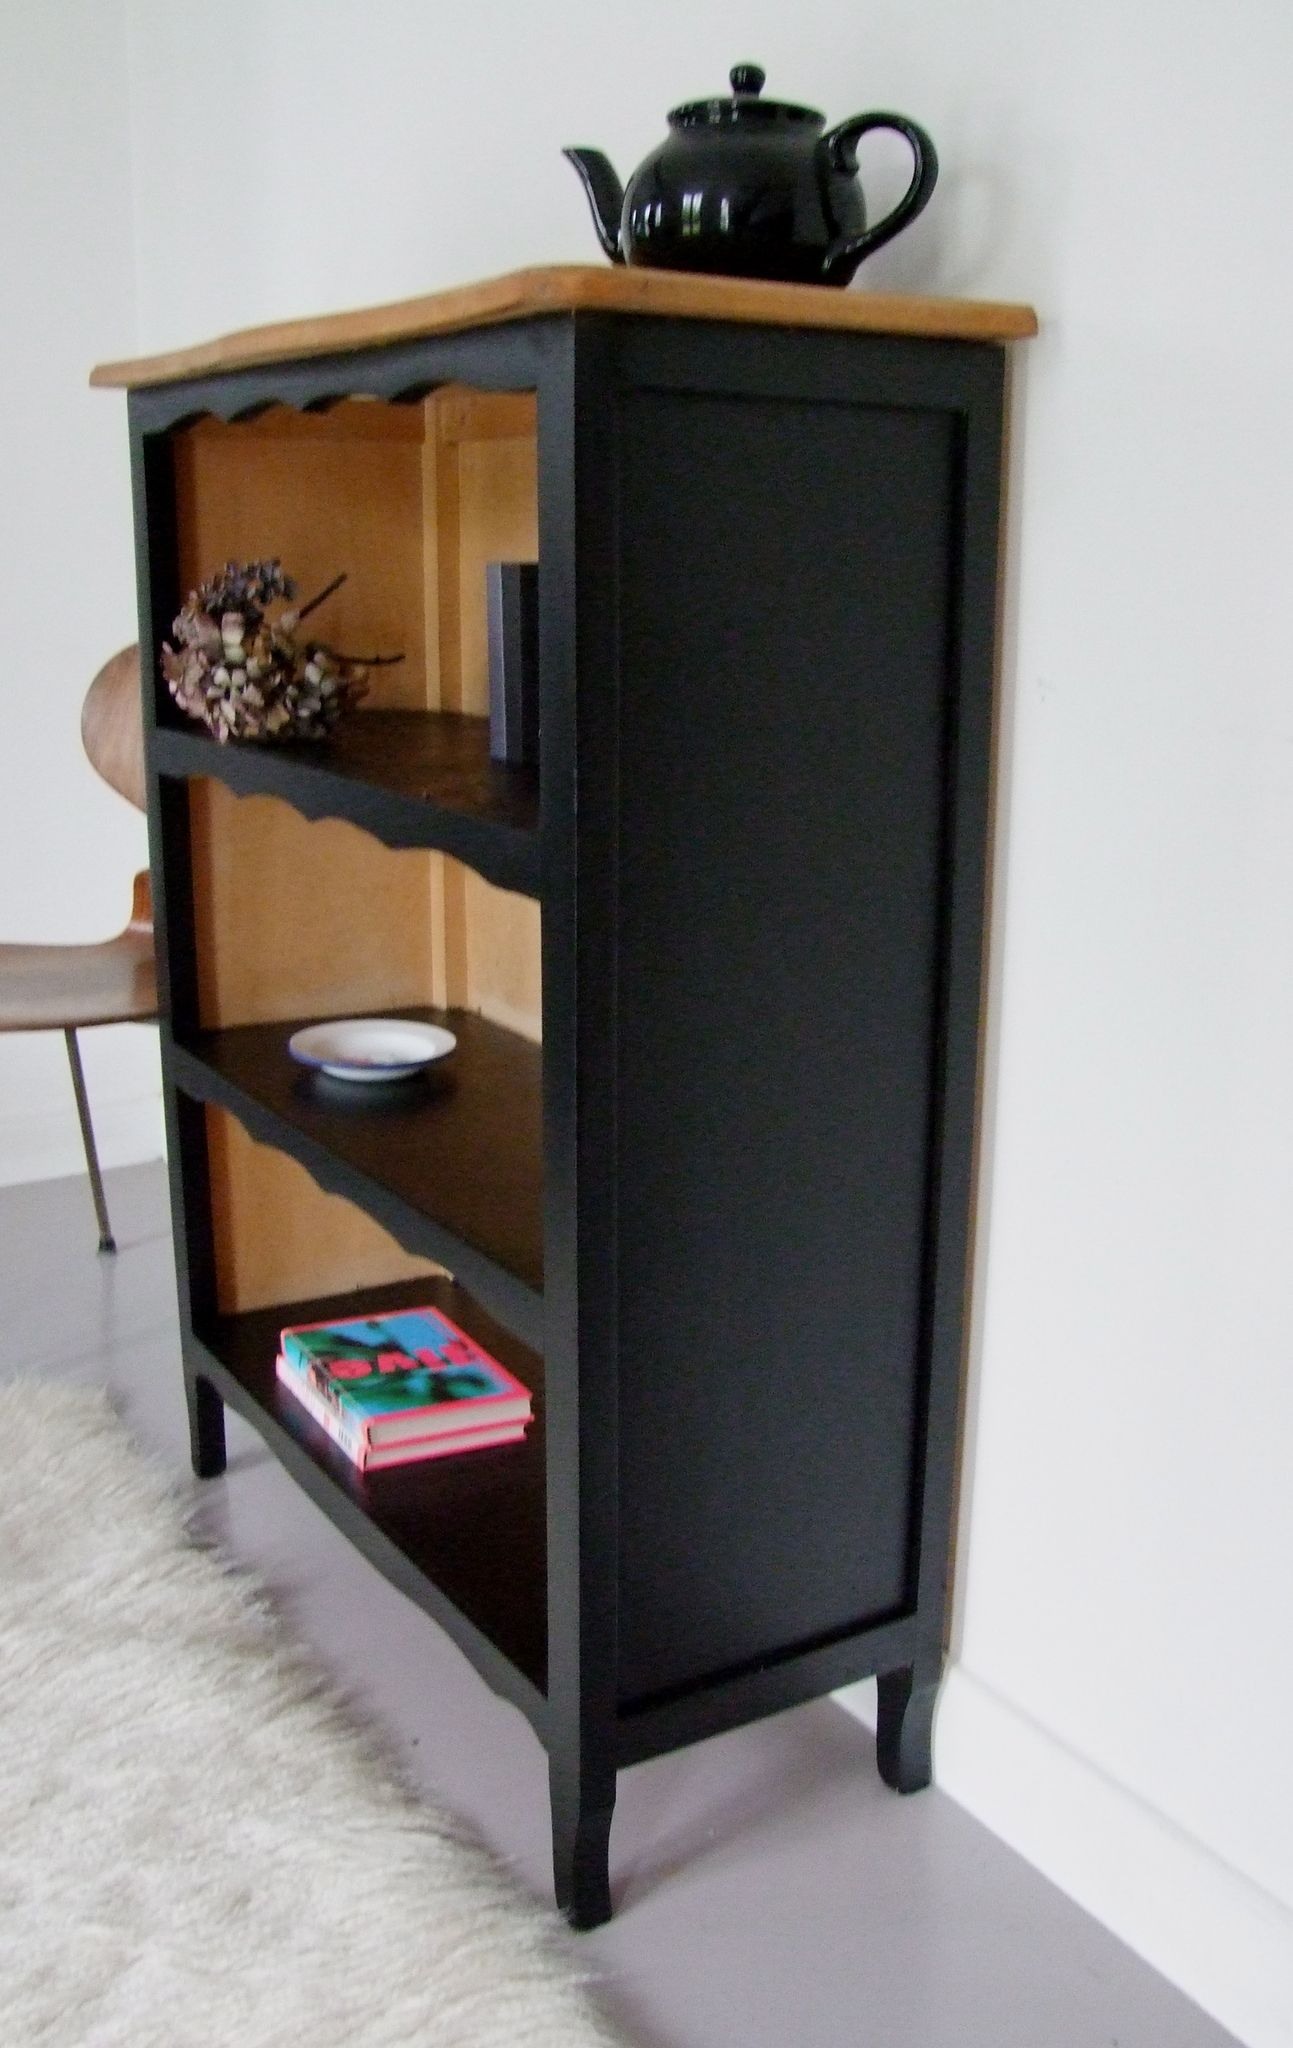 ce meuble 1980 achet trois francs six sous quel. Black Bedroom Furniture Sets. Home Design Ideas